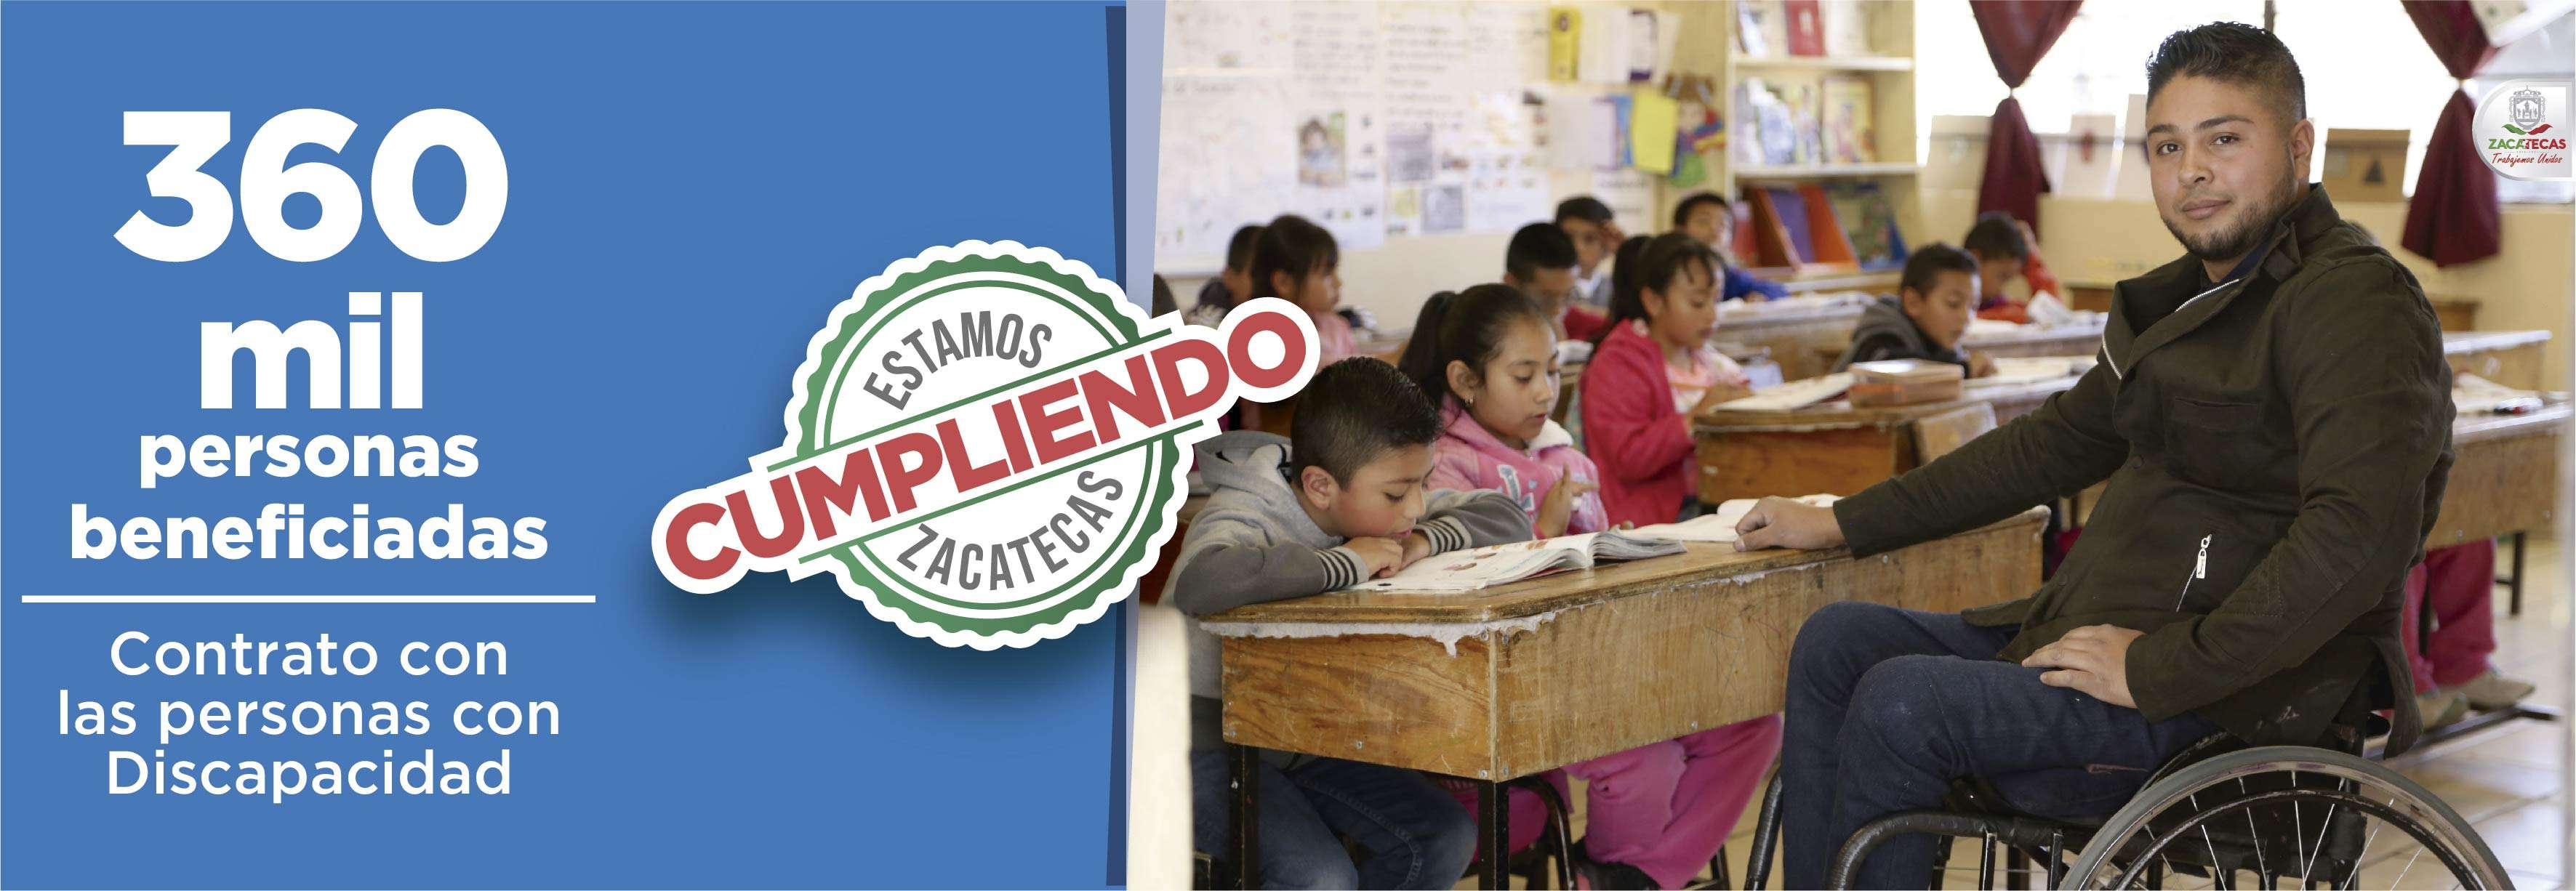 https://www.zacatecas.gob.mx/